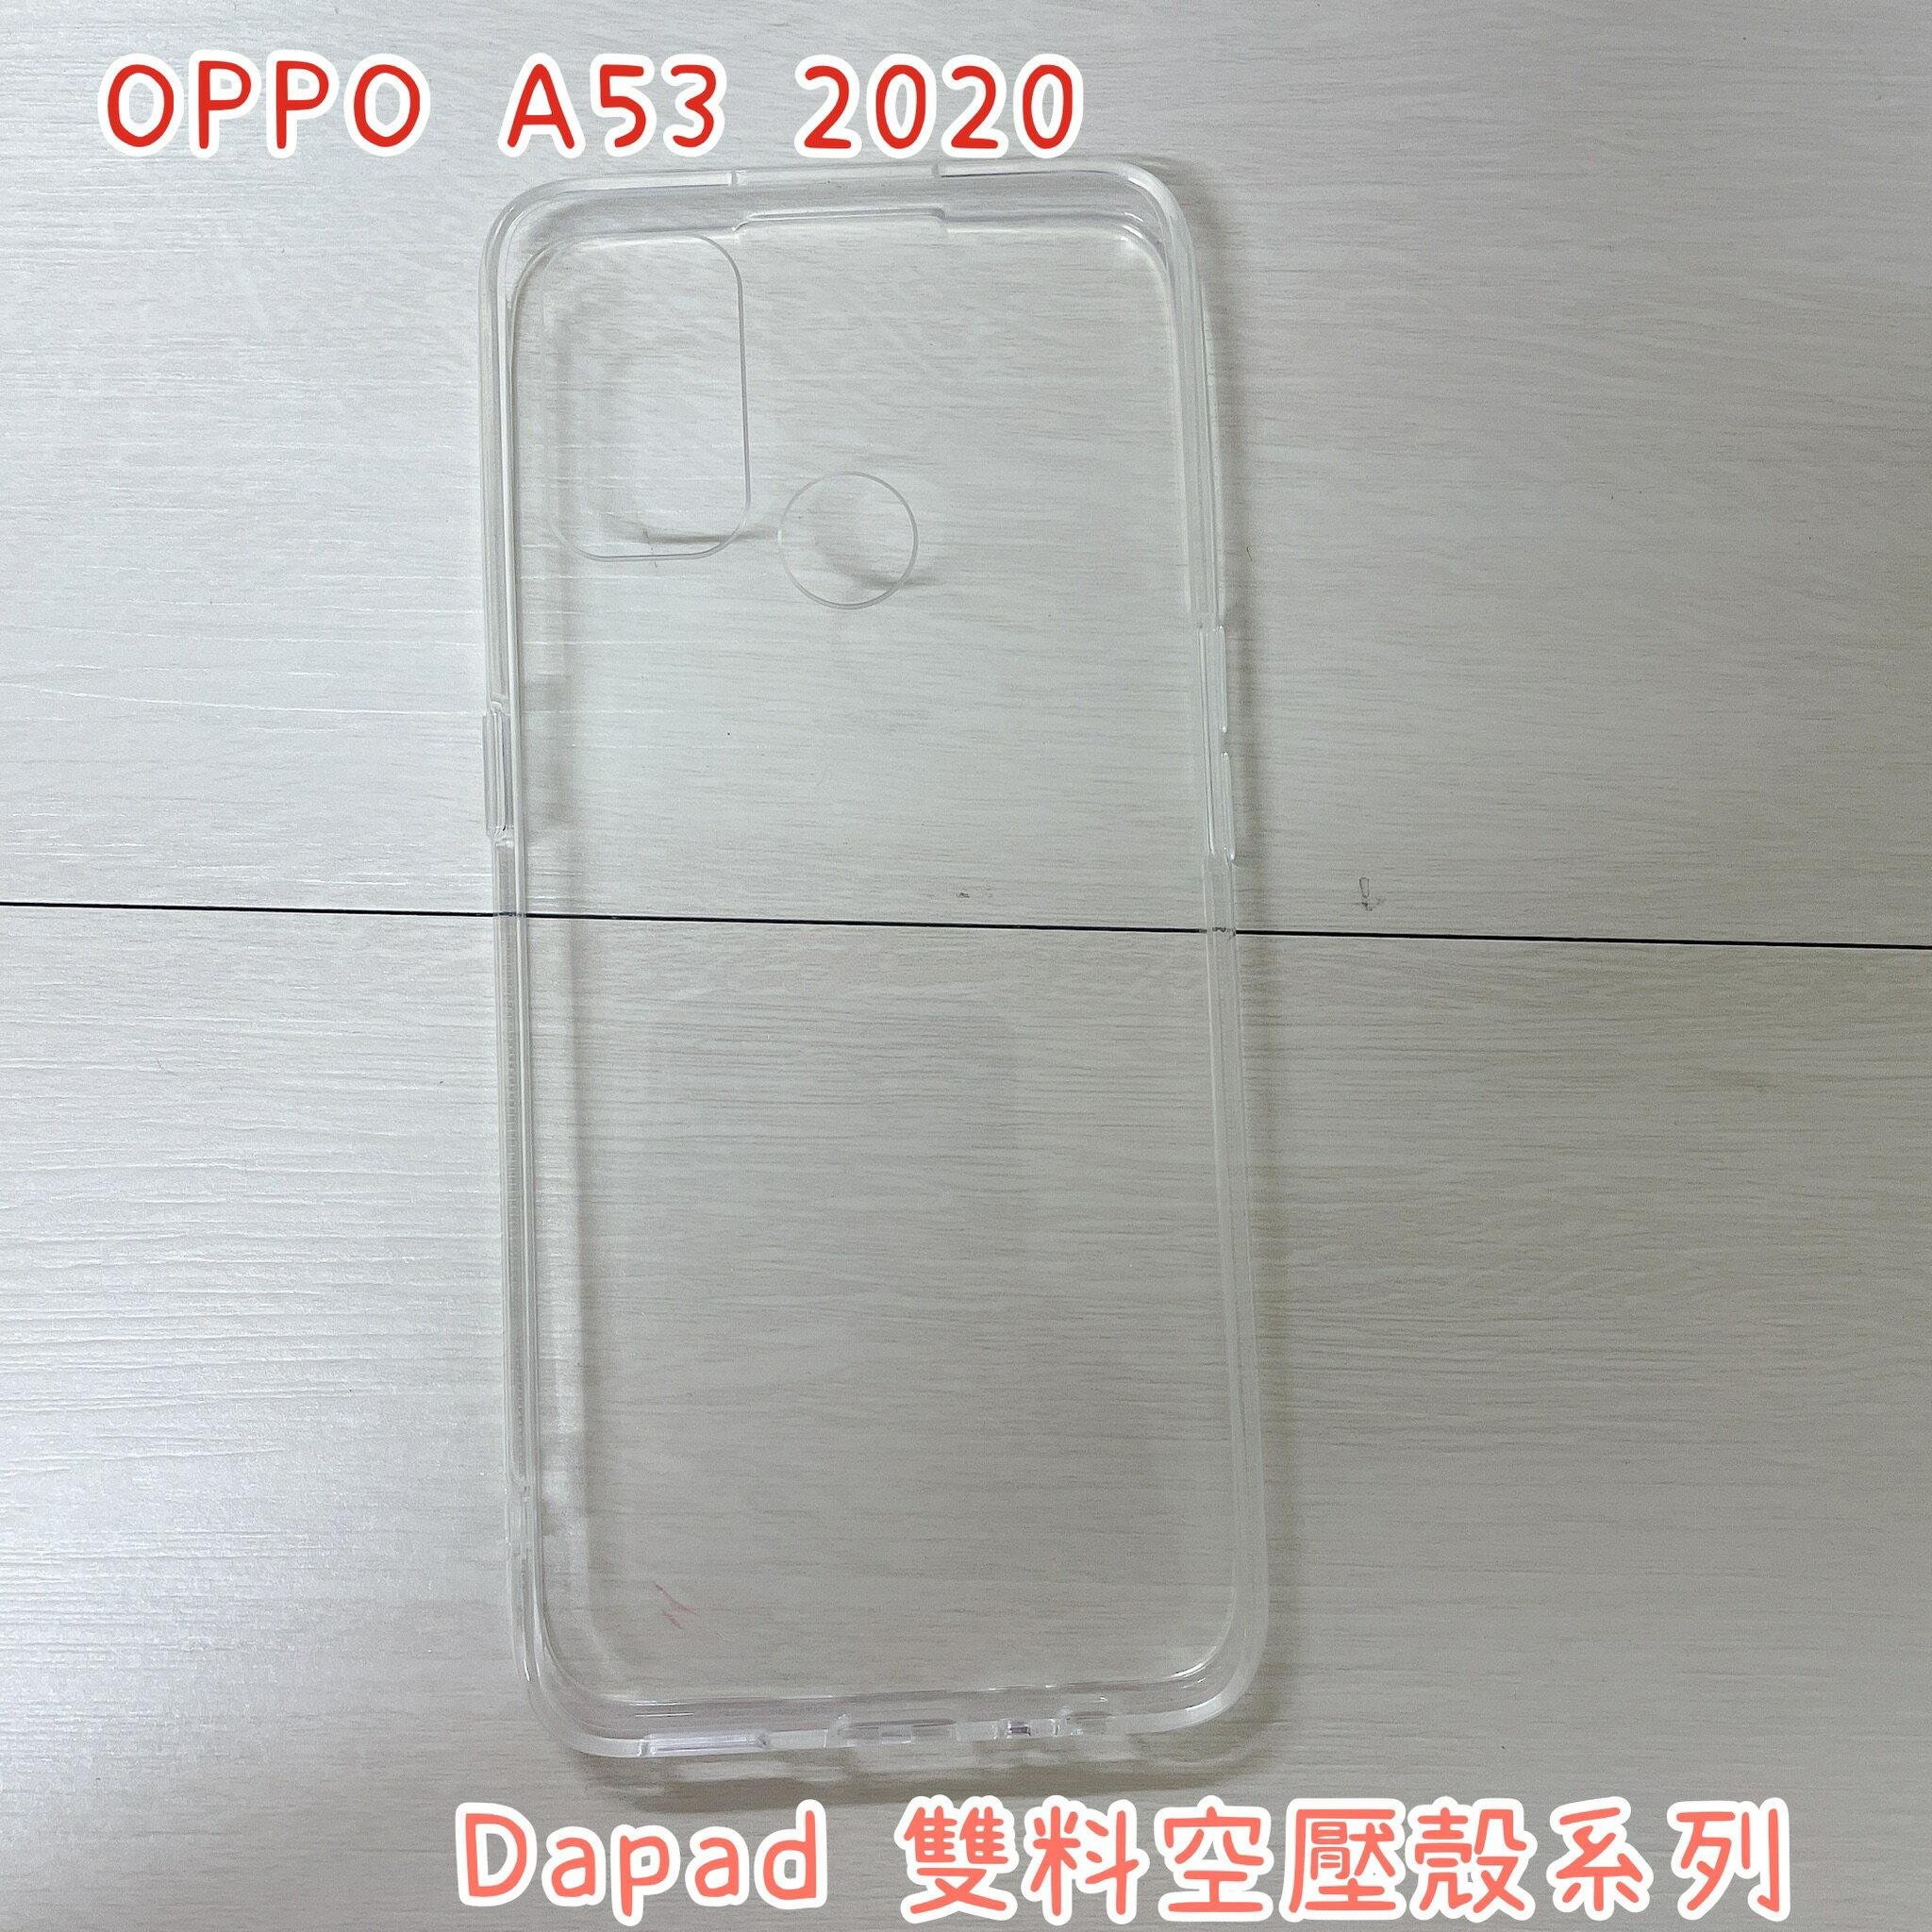 """""""扛壩子"""" Dapad OPPO A53 2020 雙料空壓殼 手機殼保護殼背蓋"""